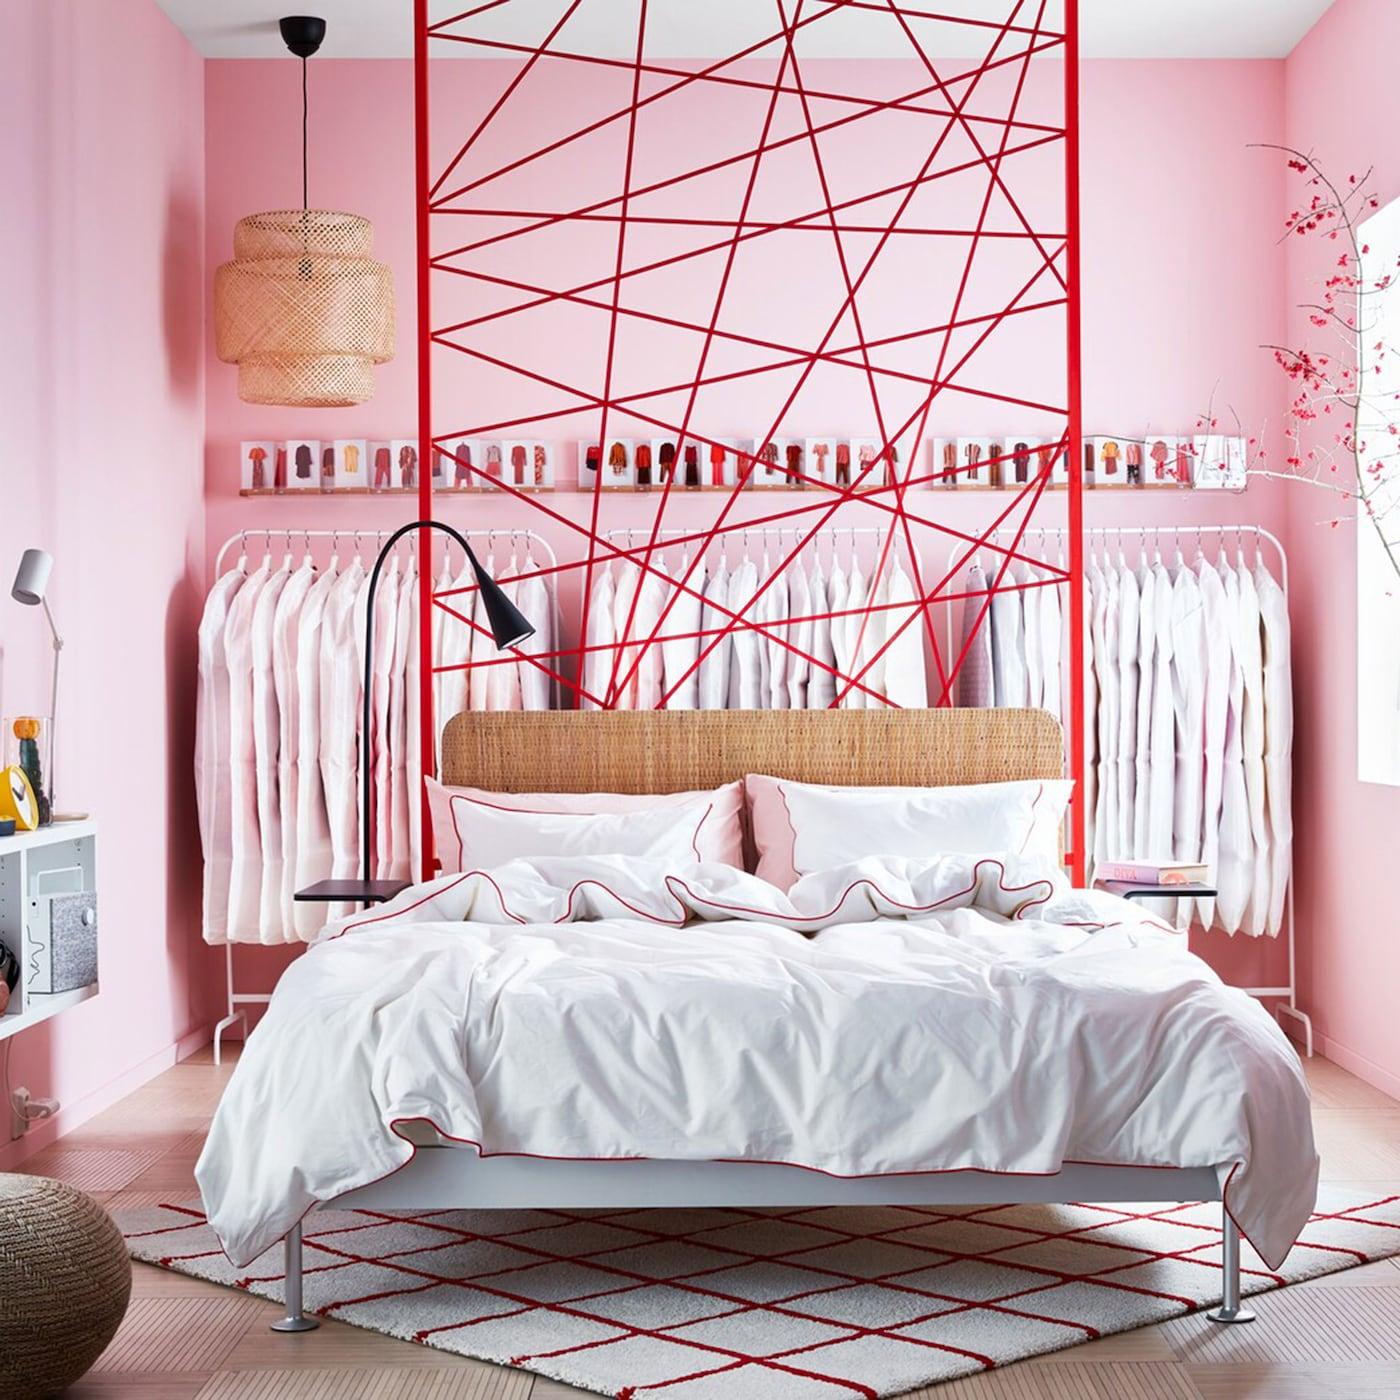 IKEA DELAKTIG bedframe sits in the middle of a pink walled bedroom.